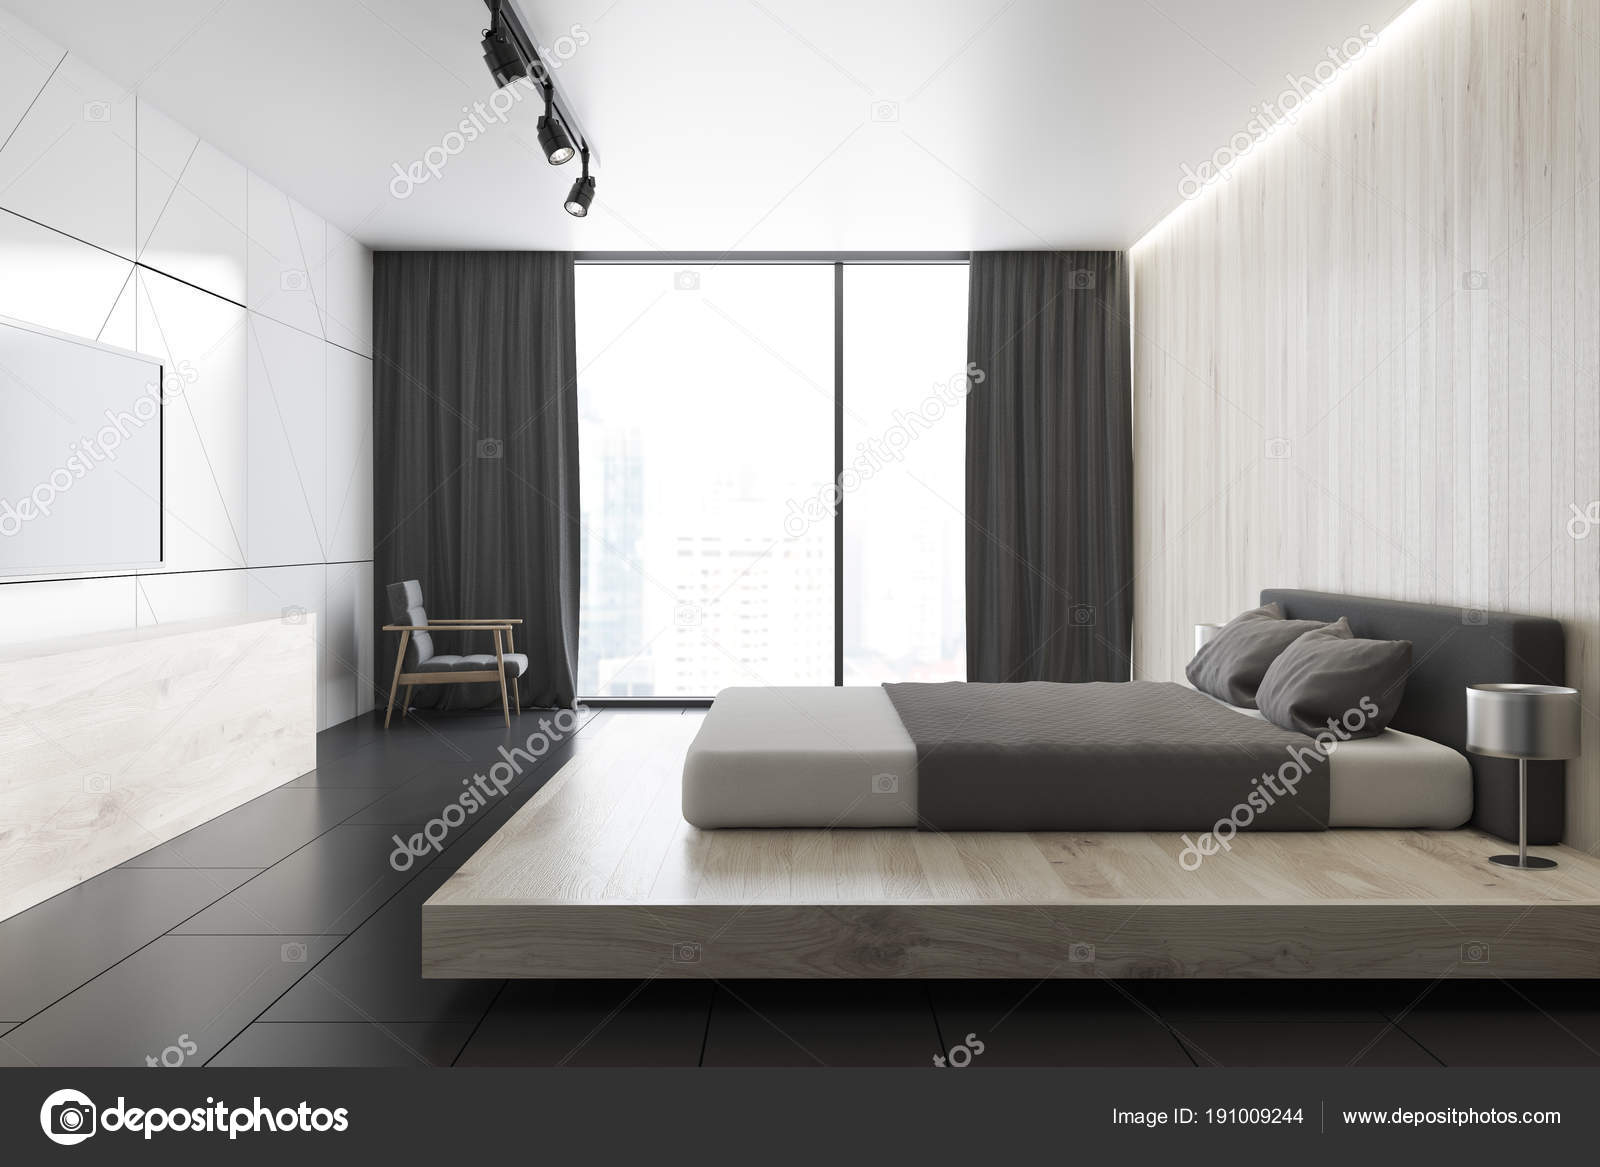 Weiße Loft-Schlafzimmer mit Fernseher, eine Seitenansicht ...